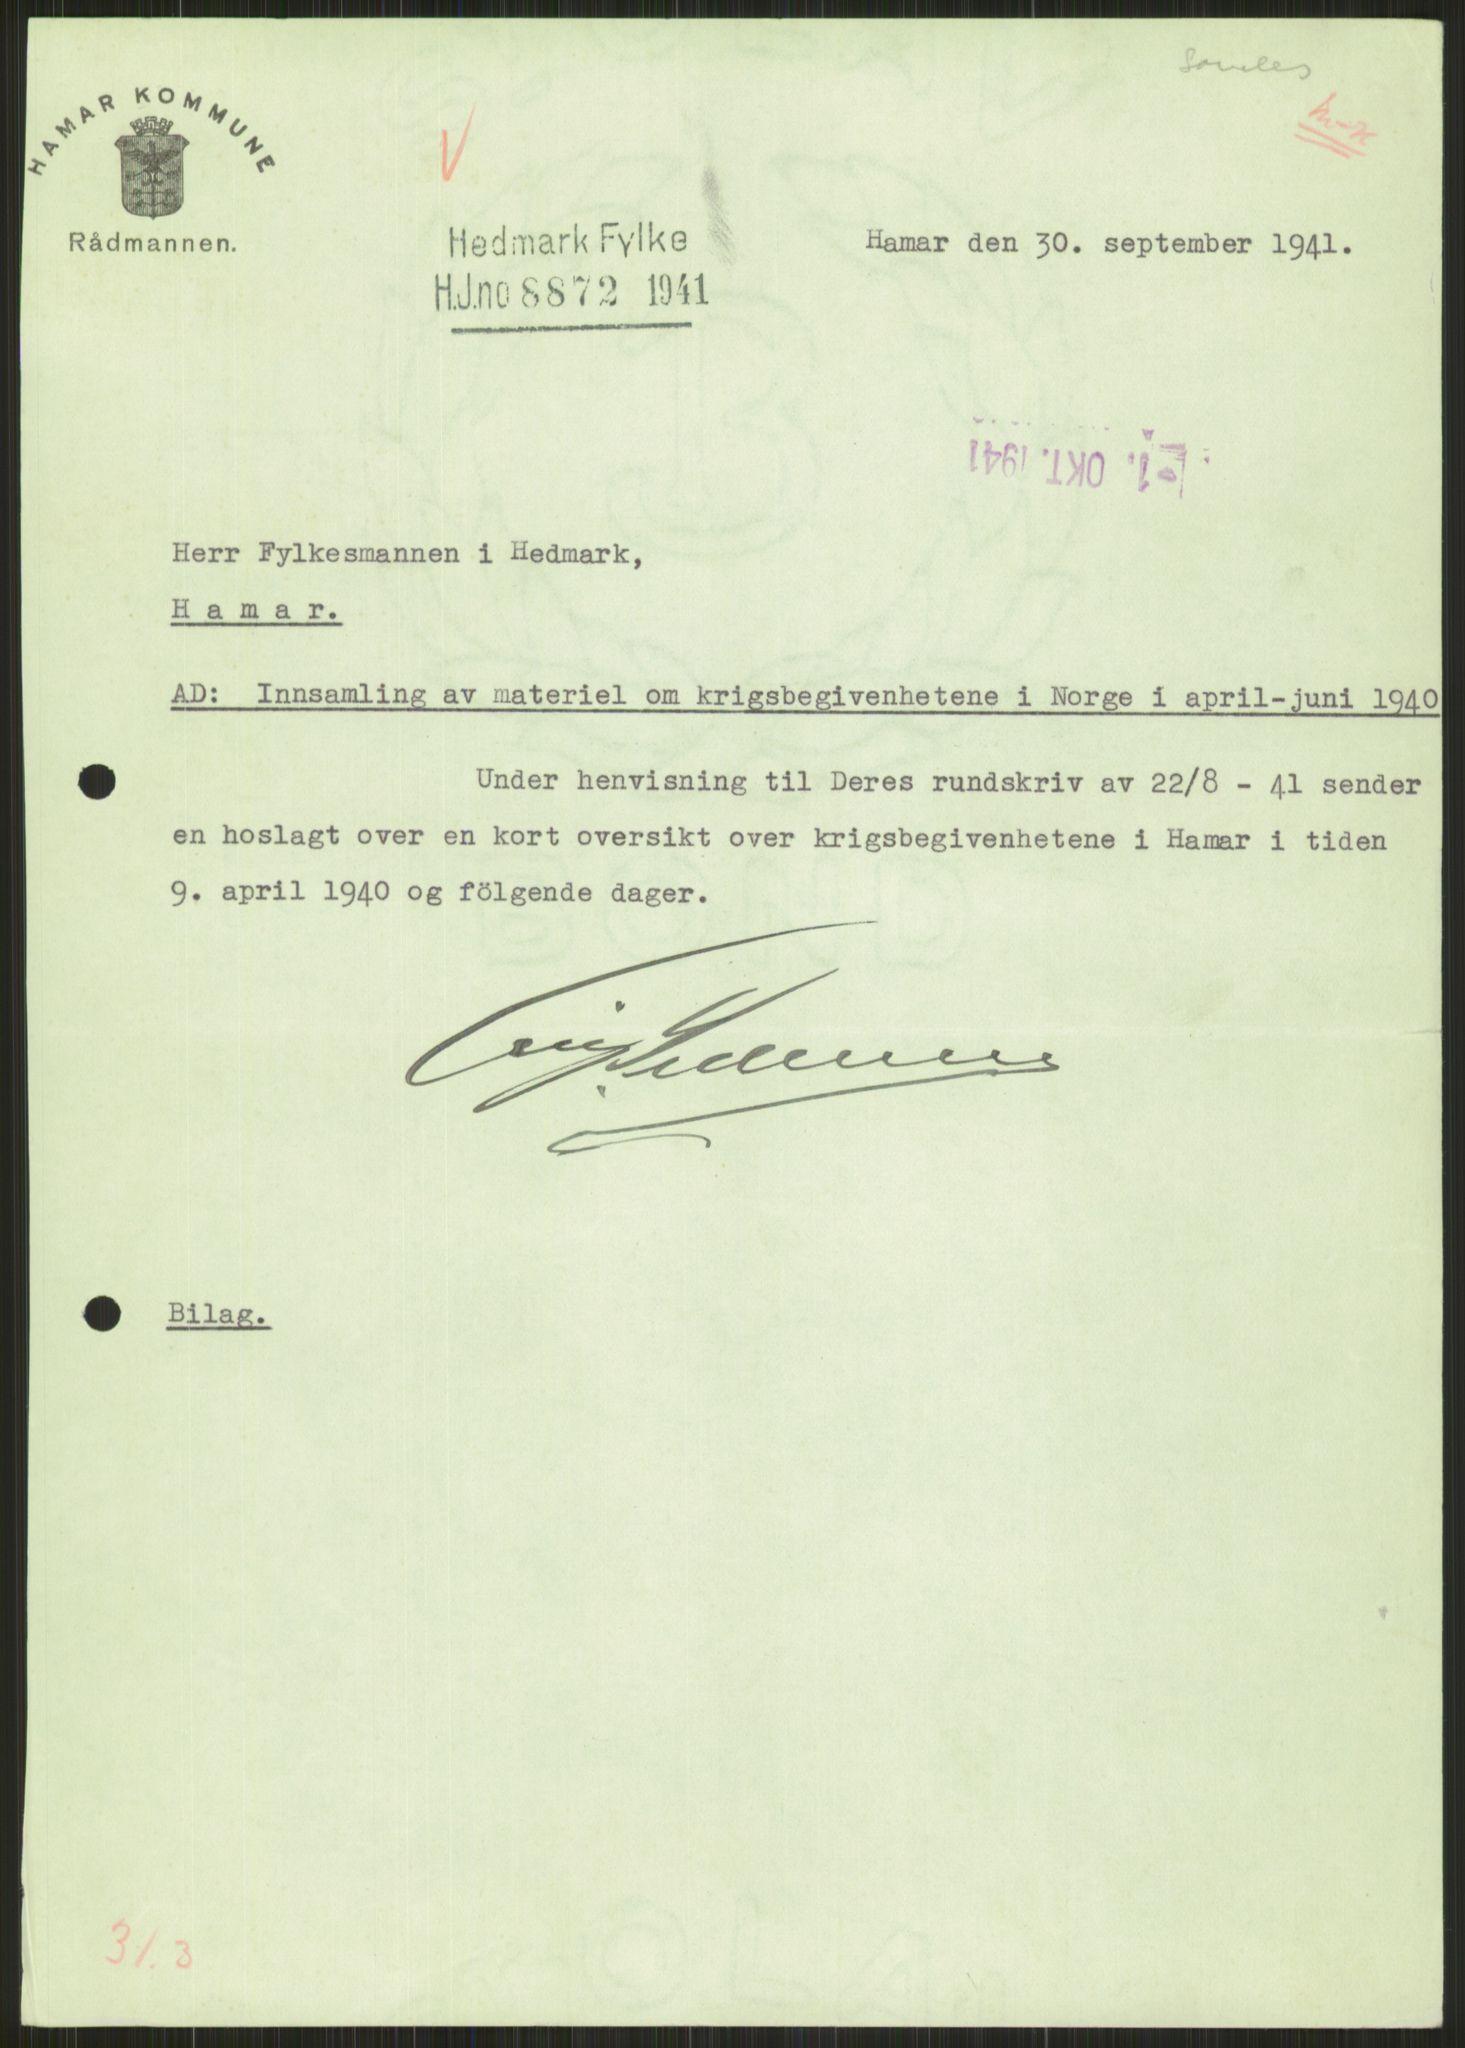 RA, Forsvaret, Forsvarets krigshistoriske avdeling, Y/Ya/L0013: II-C-11-31 - Fylkesmenn.  Rapporter om krigsbegivenhetene 1940., 1940, s. 889